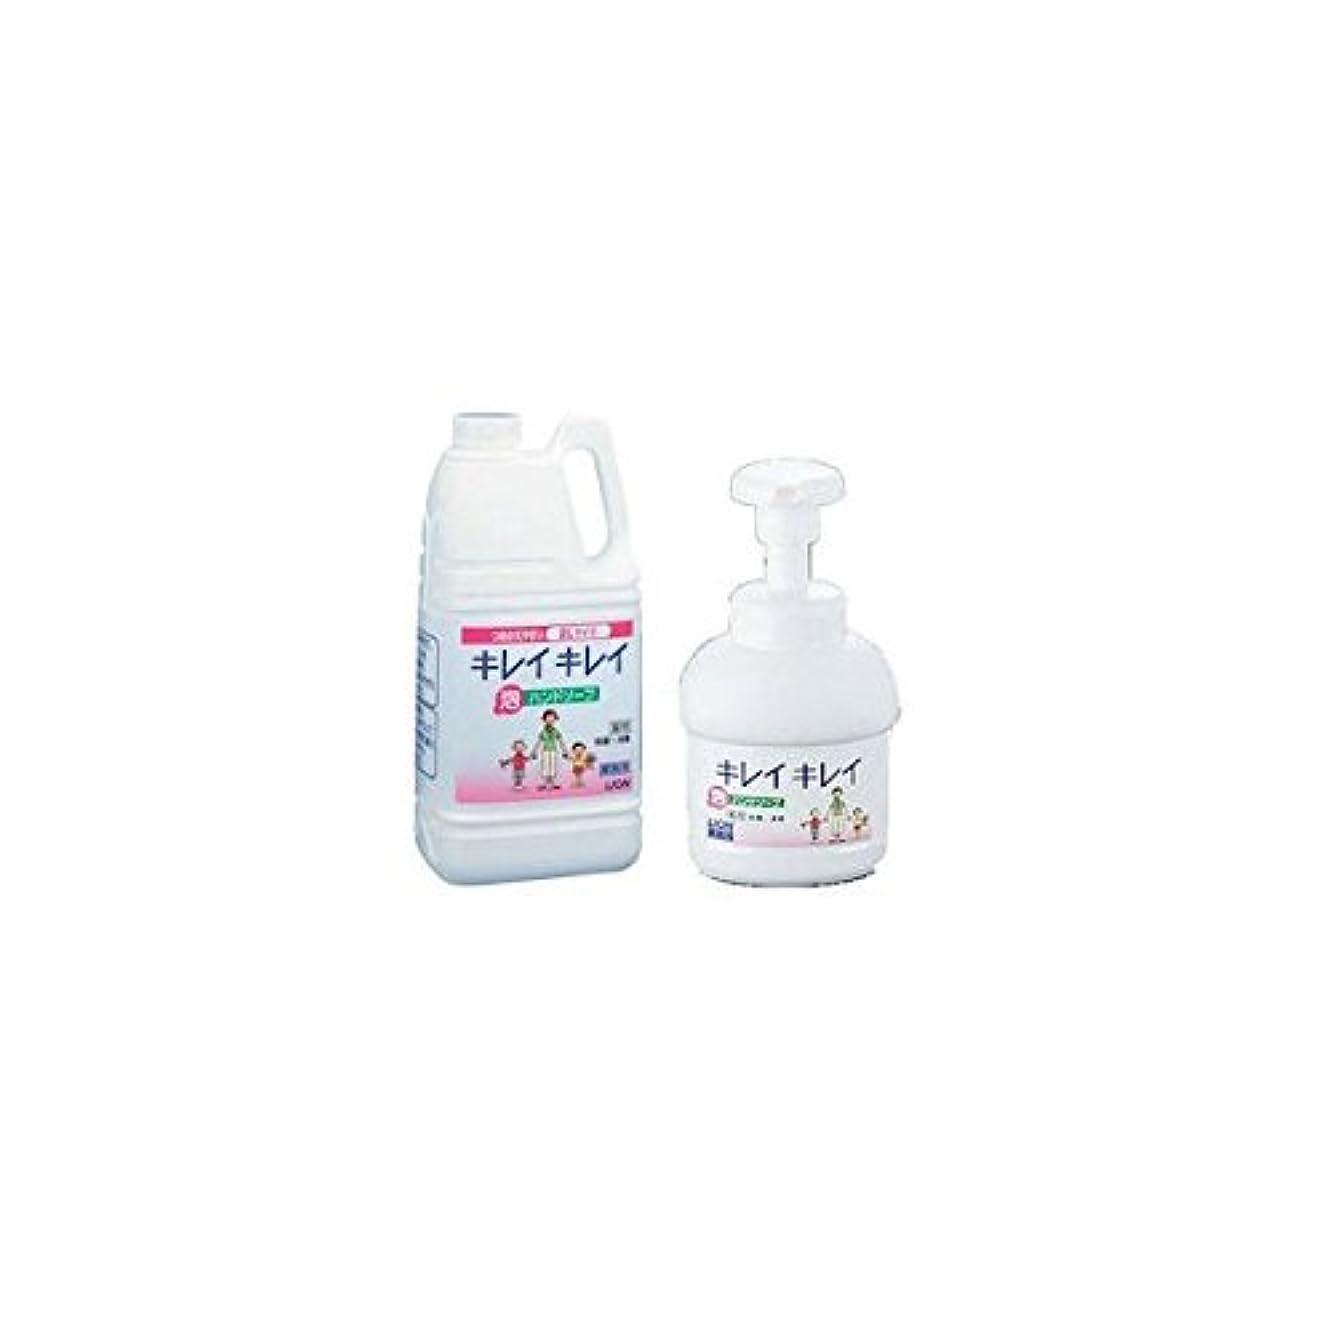 累計クルーシミュレートするライオン キレイキレイ薬用泡ハンドソープ 2L(250MLポンプ付) 【品番】JHV2501